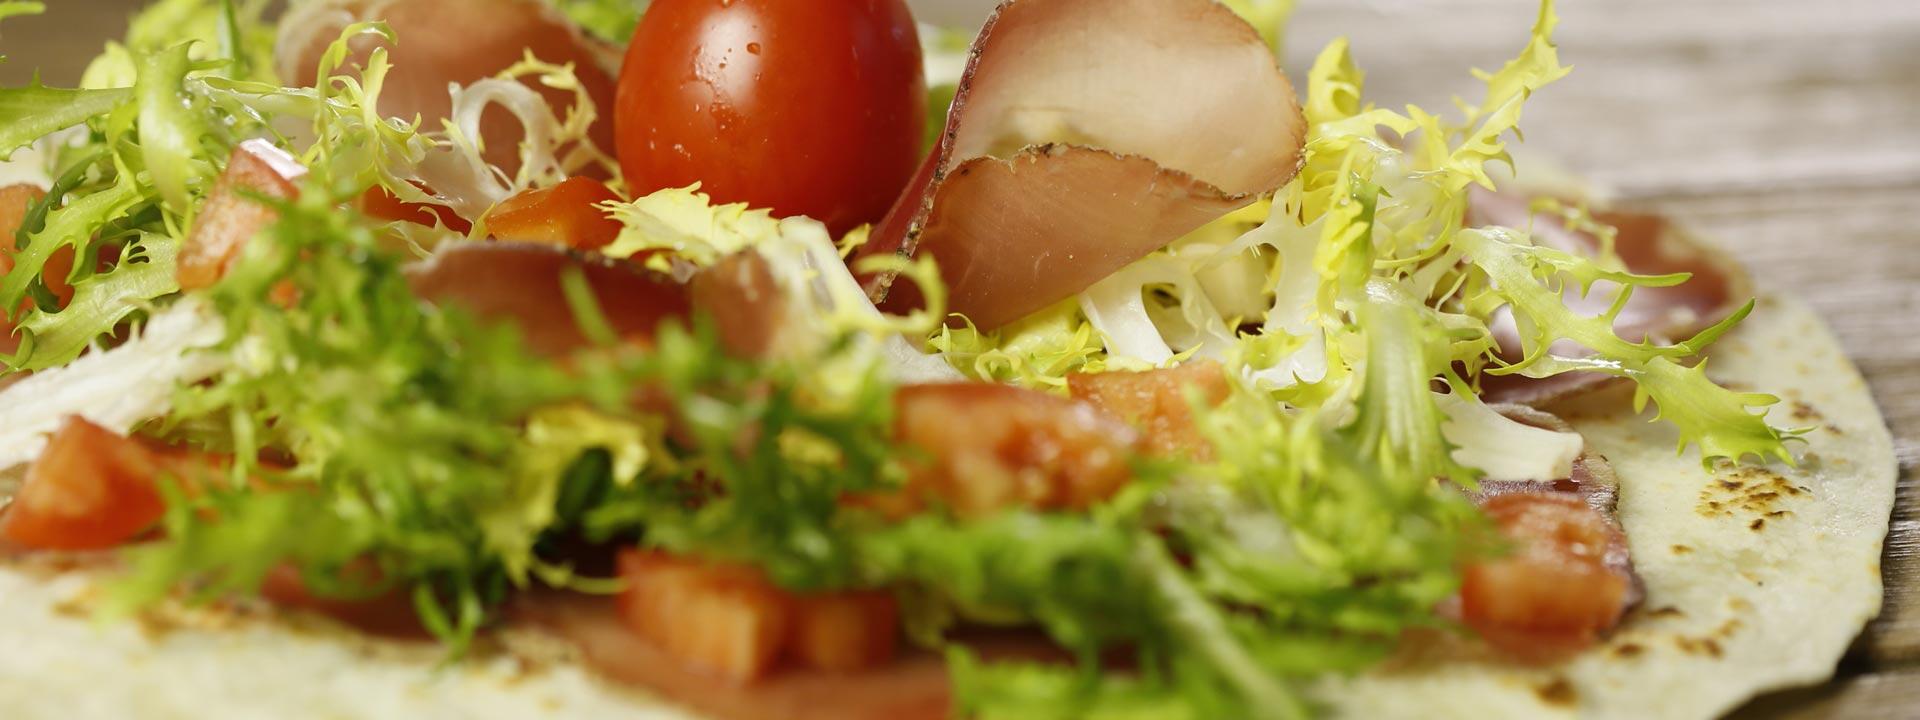 riccionepiadina it migliori-piadine-confezionate 002